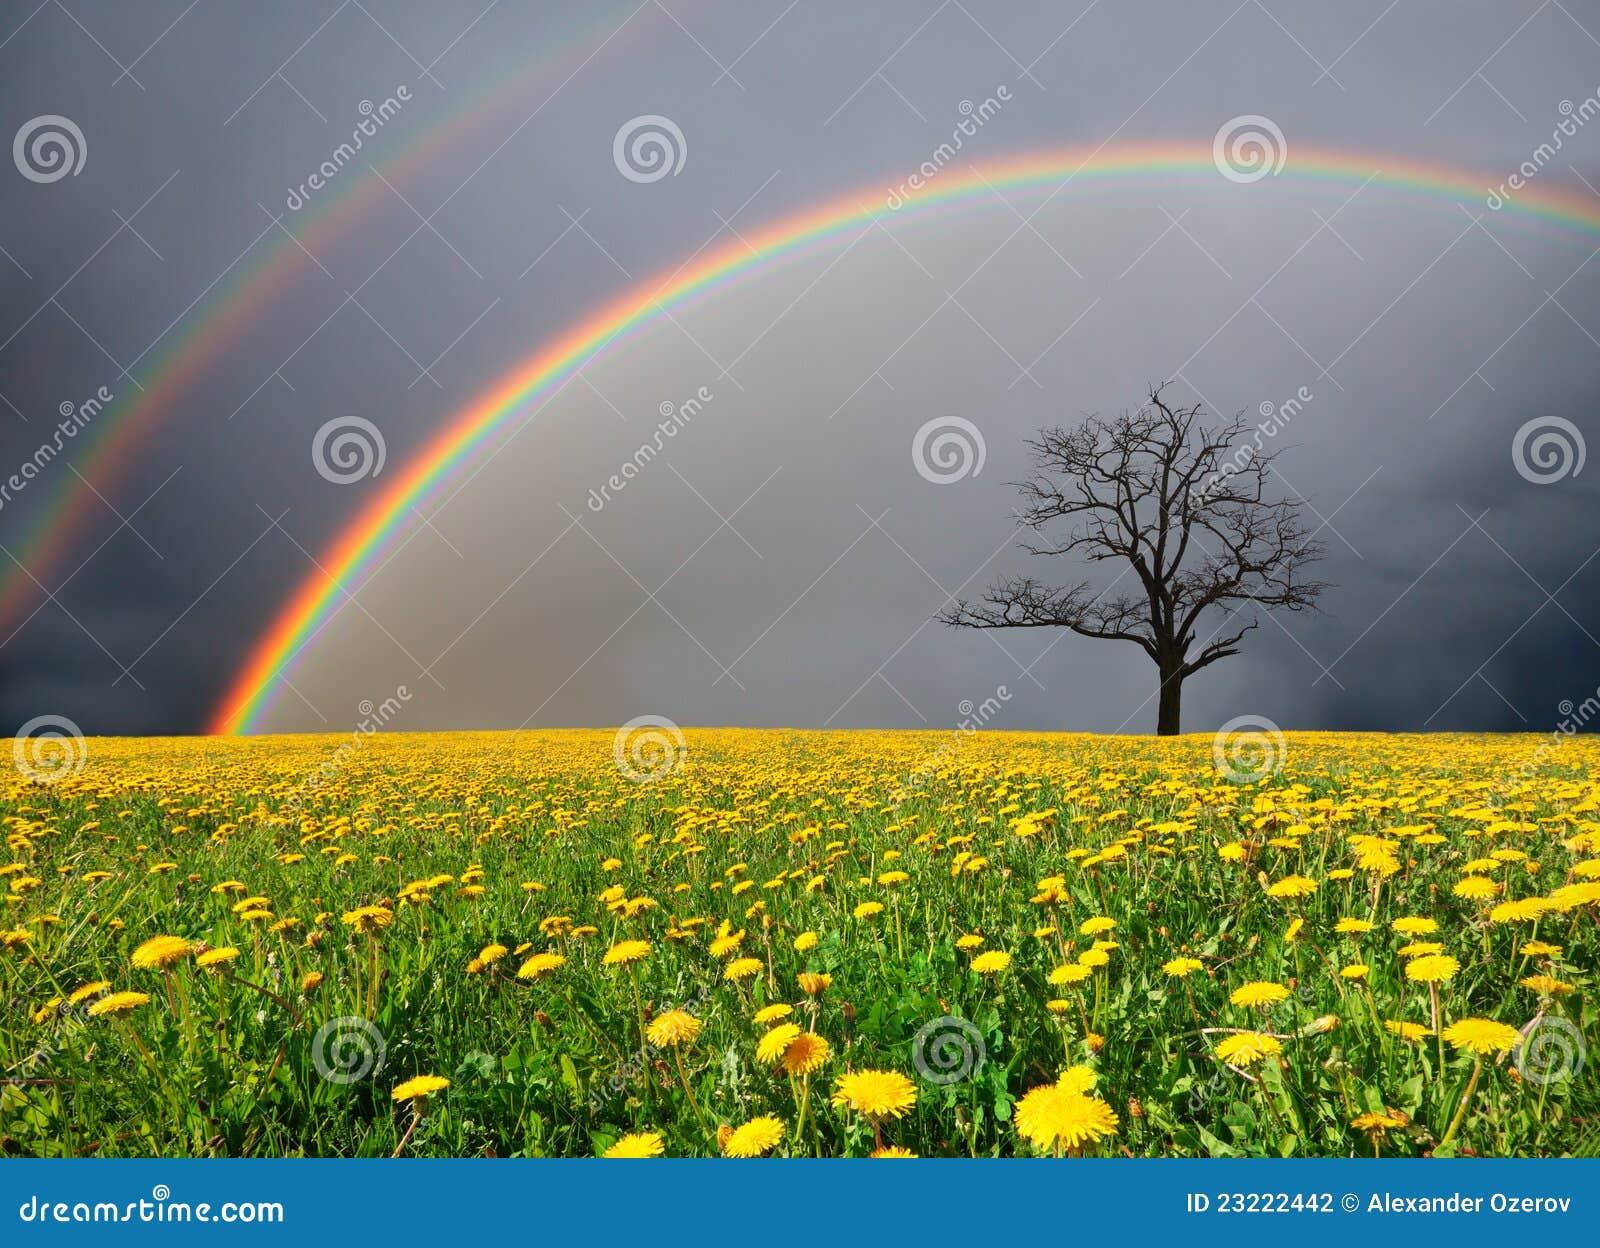 Campo e árvore inoperante sob o céu nebuloso com arco-íris